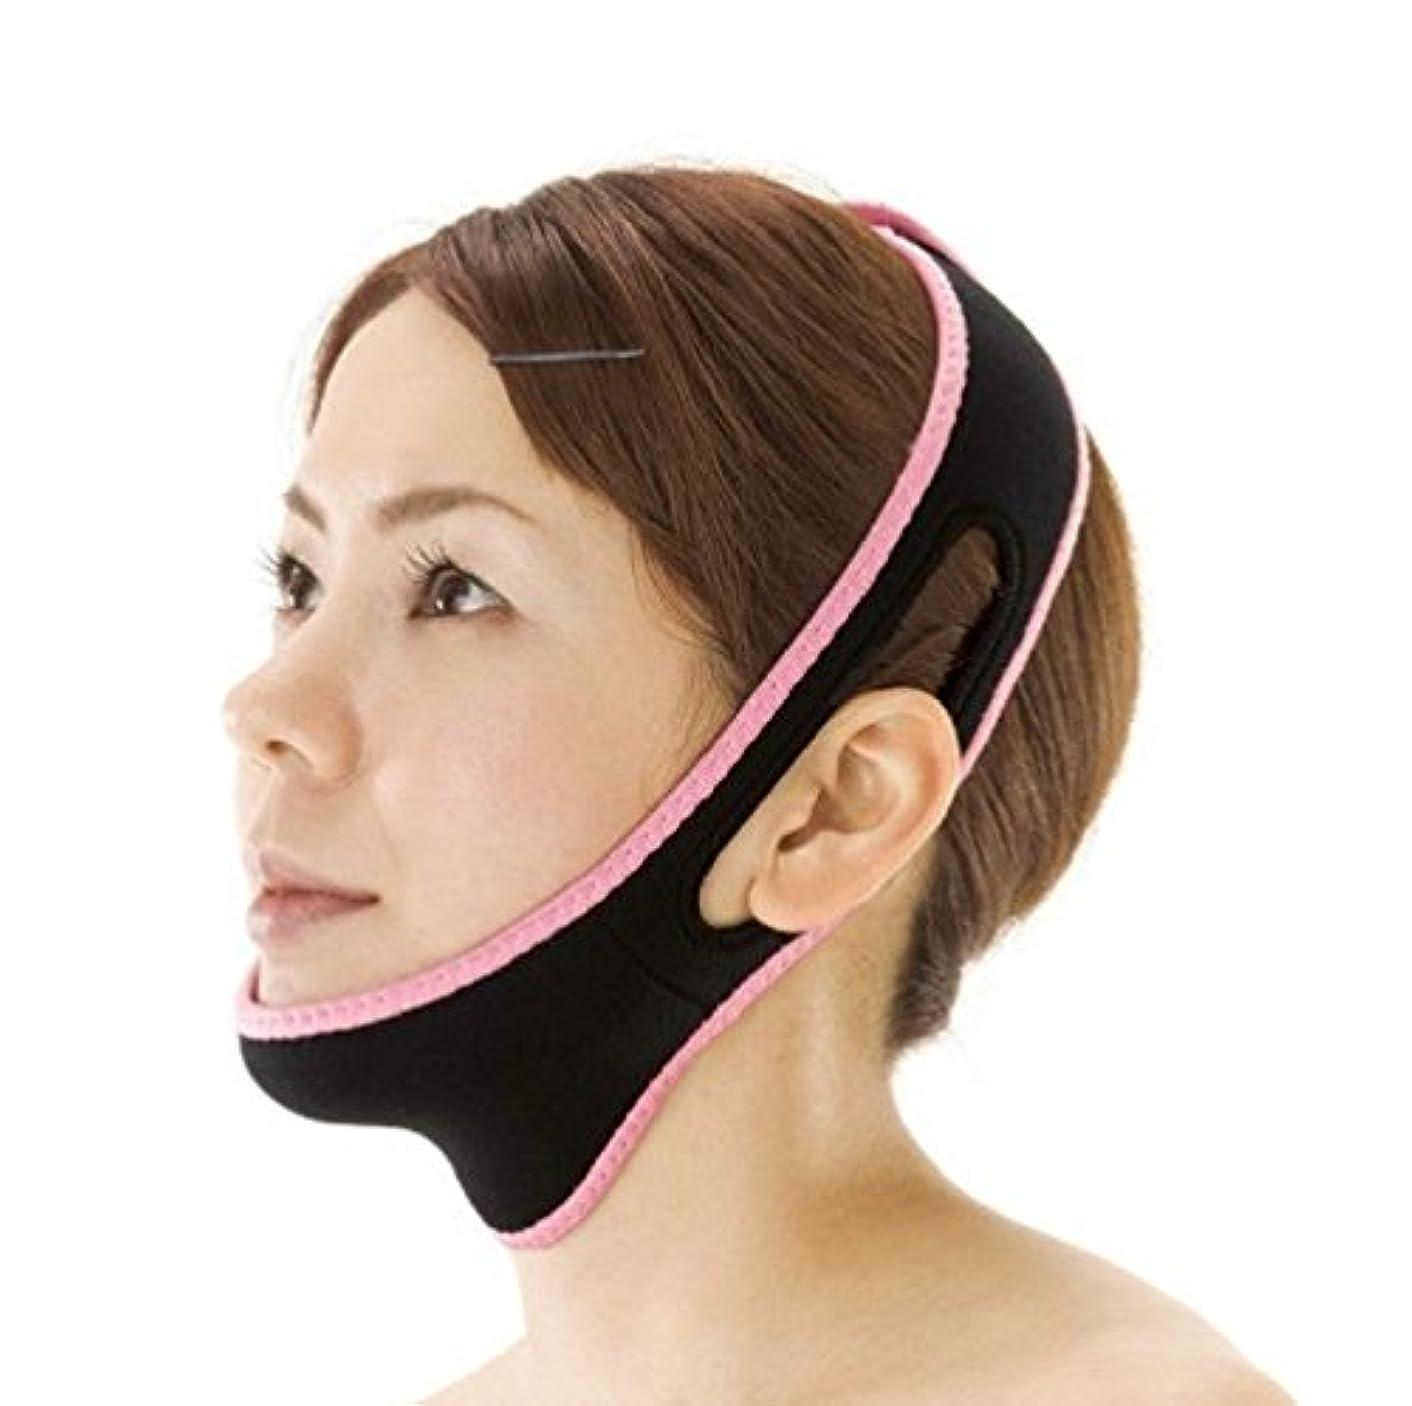 販売計画意識的に対応する小顔リフトアップベルト 寝ながら小顔 小顔矯正 ゲルマニウム 男女兼用ベルト いびき対策